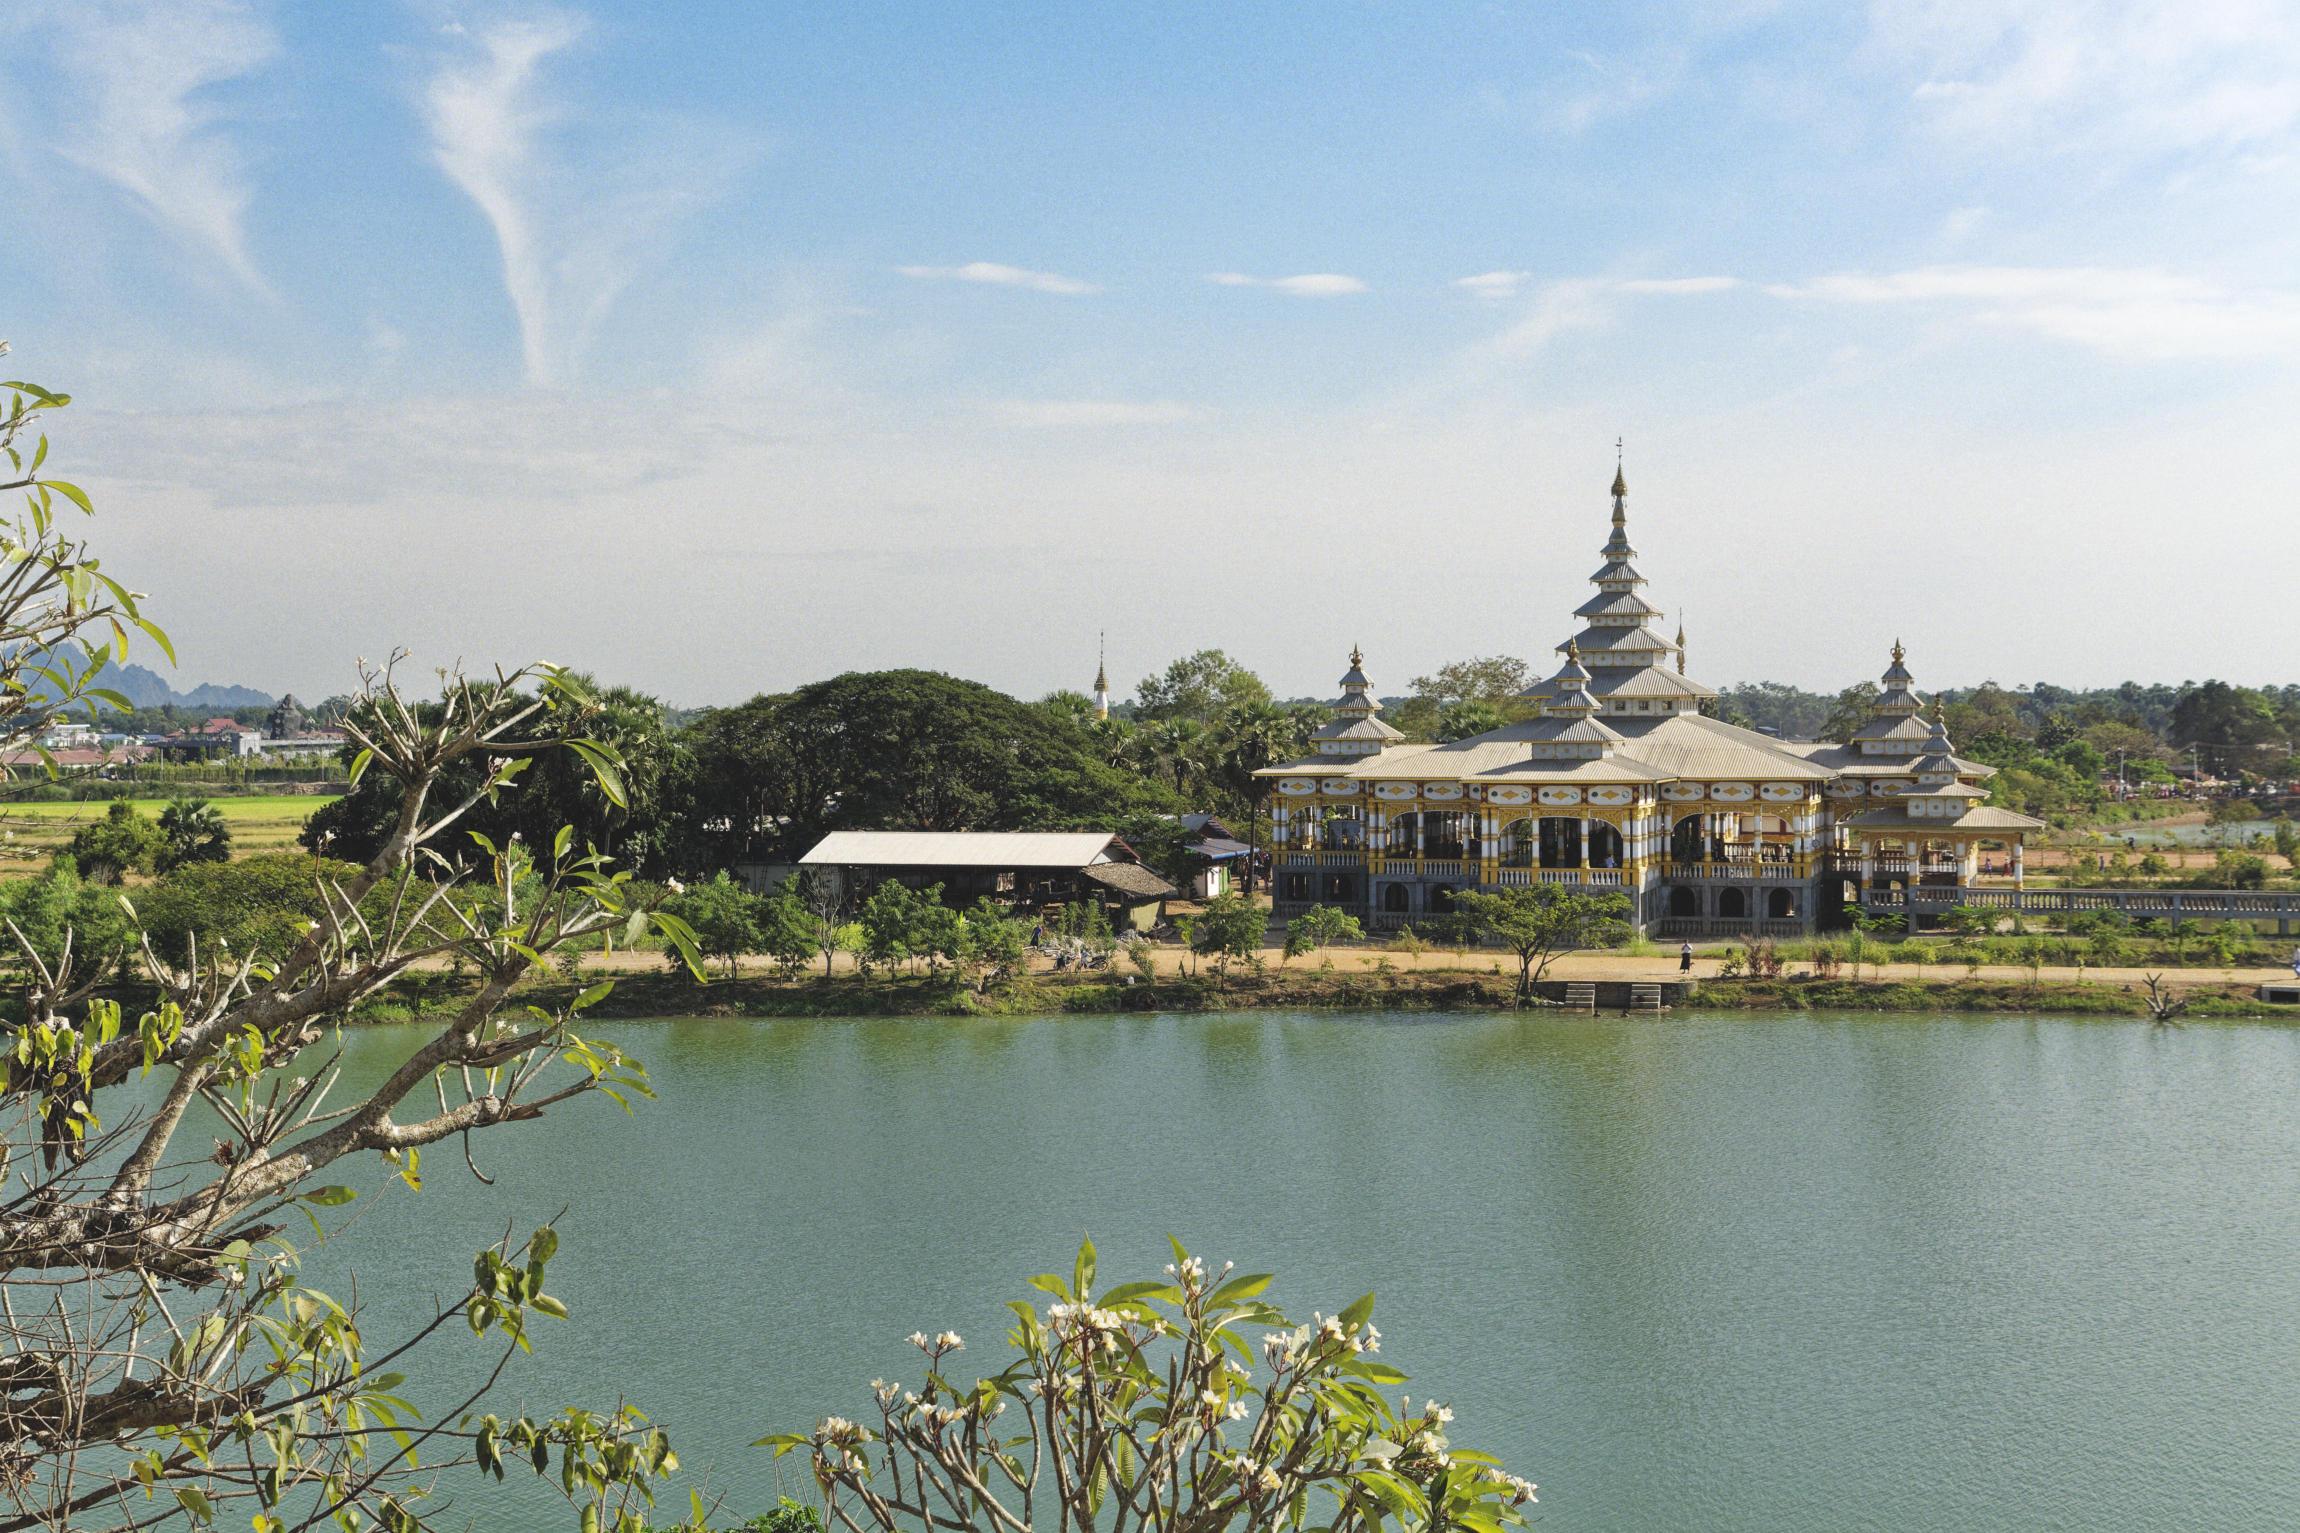 Hpa-An, première étape birmane